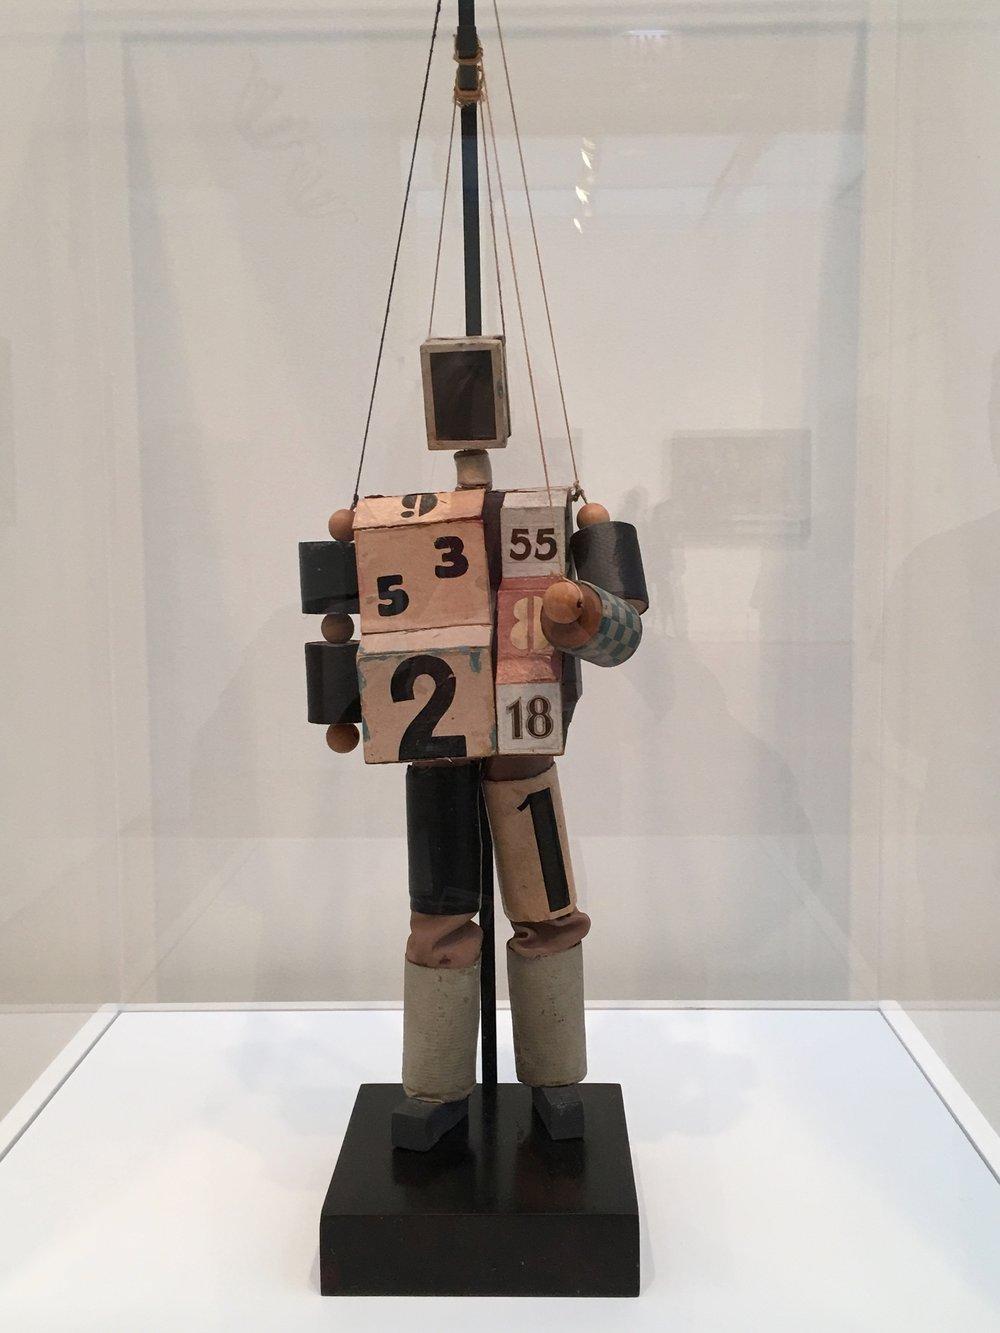 Robot, Alaxandra Exter